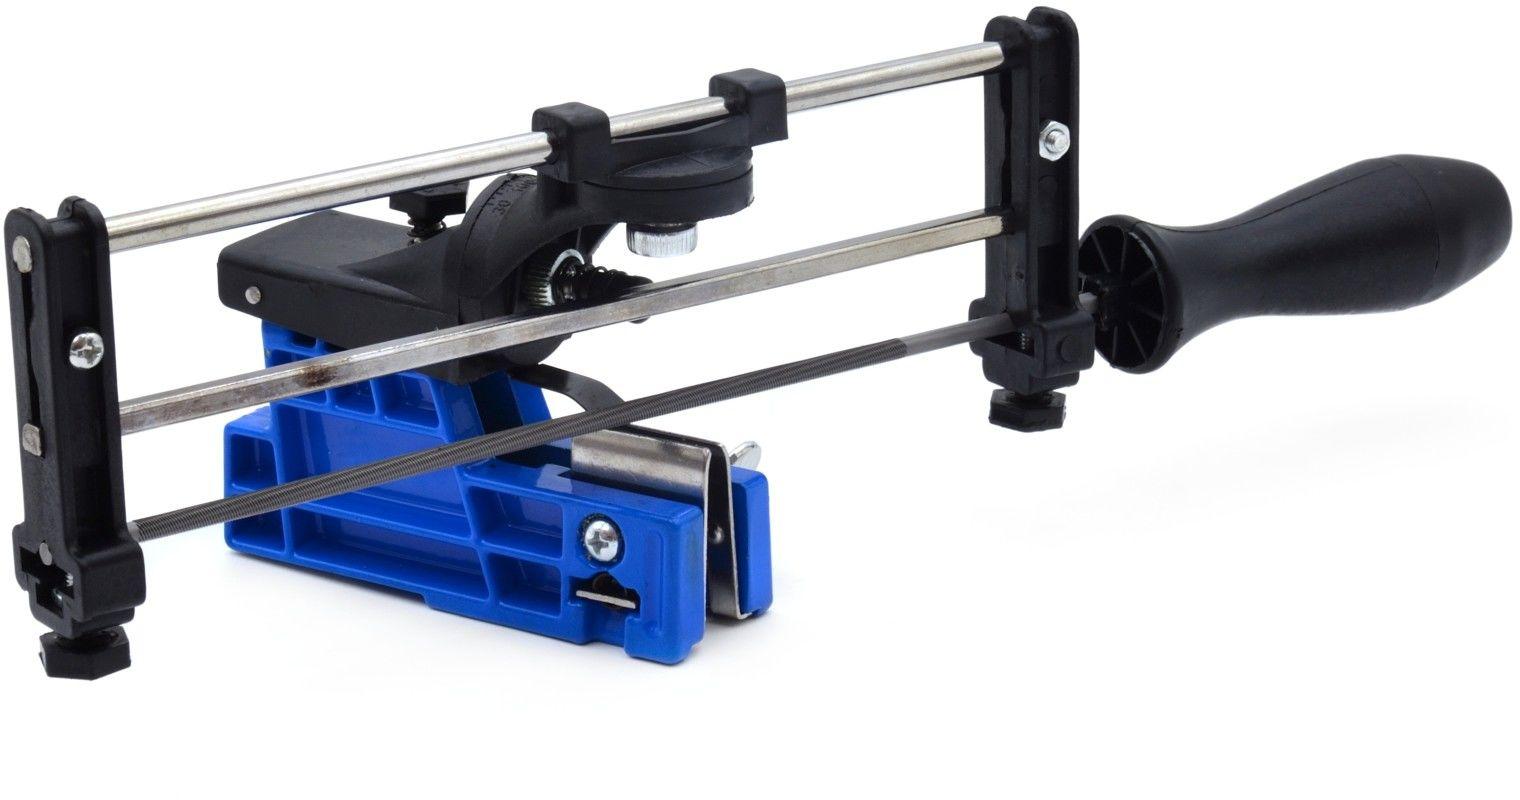 Ostrzałka ramowa ręczna łańcuchów - prowadnik pilnika (G74097)